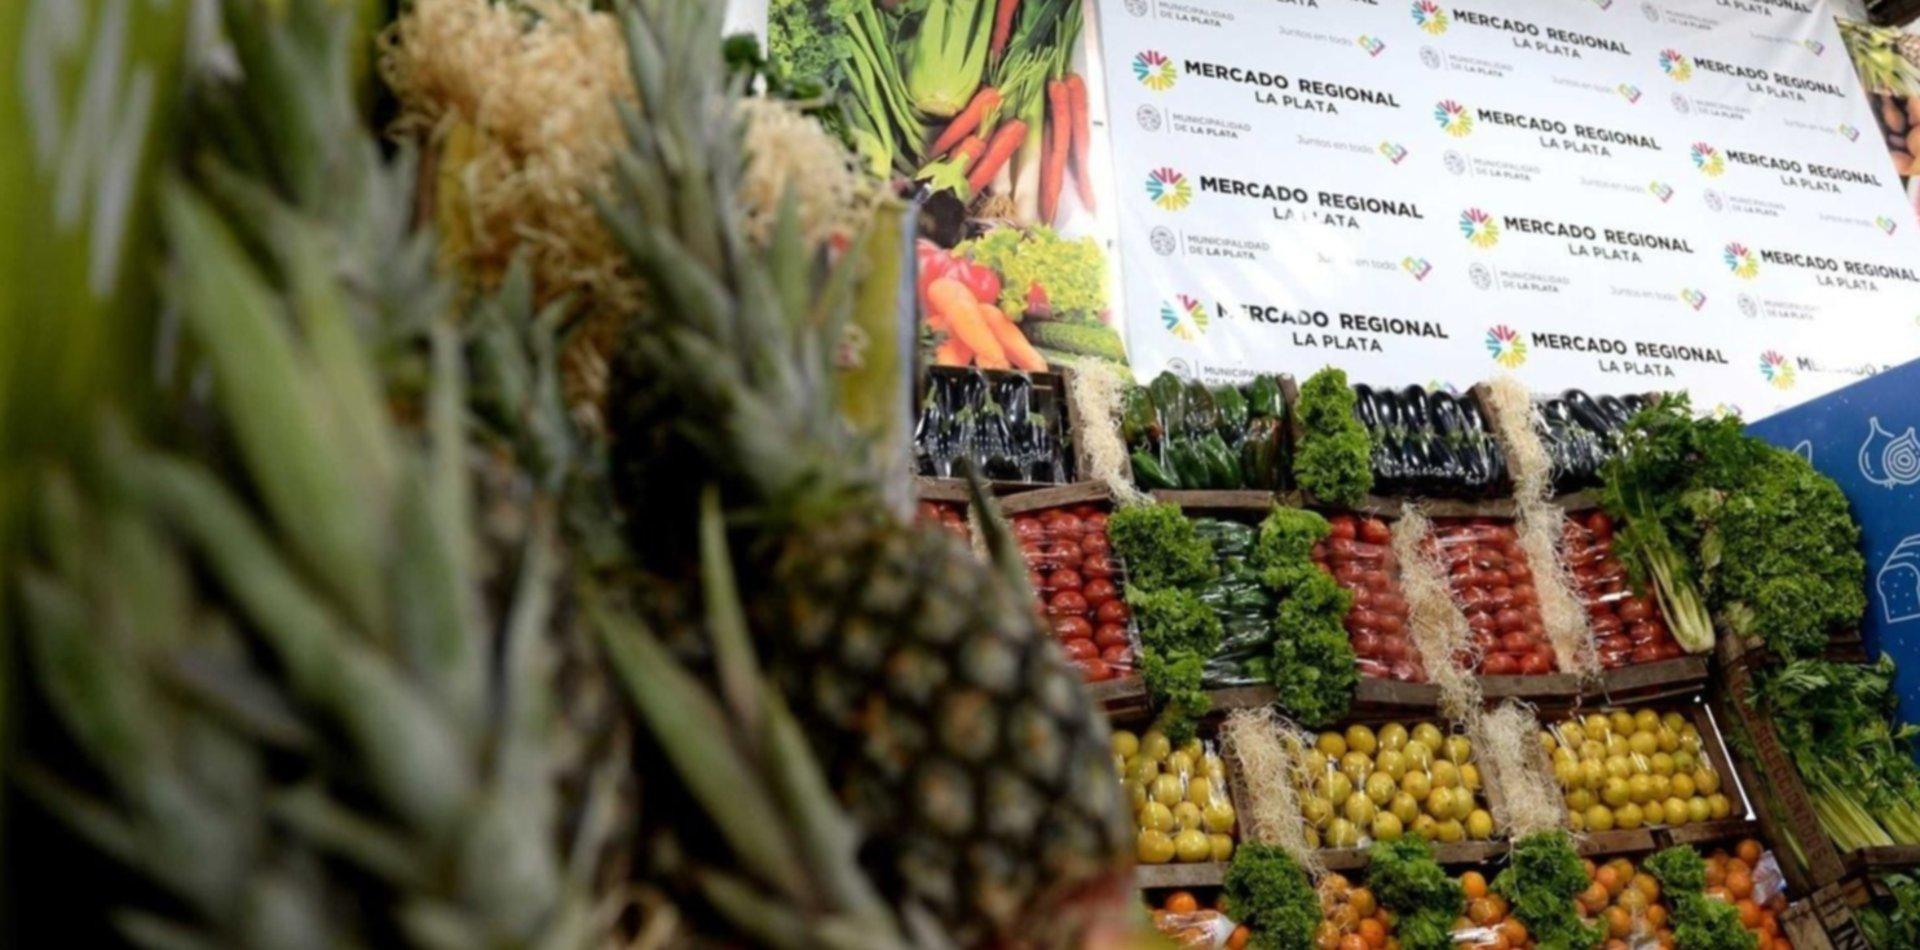 Los bolsones populares de frutas y verduras también llegaron al Mercado Regional de La Plata